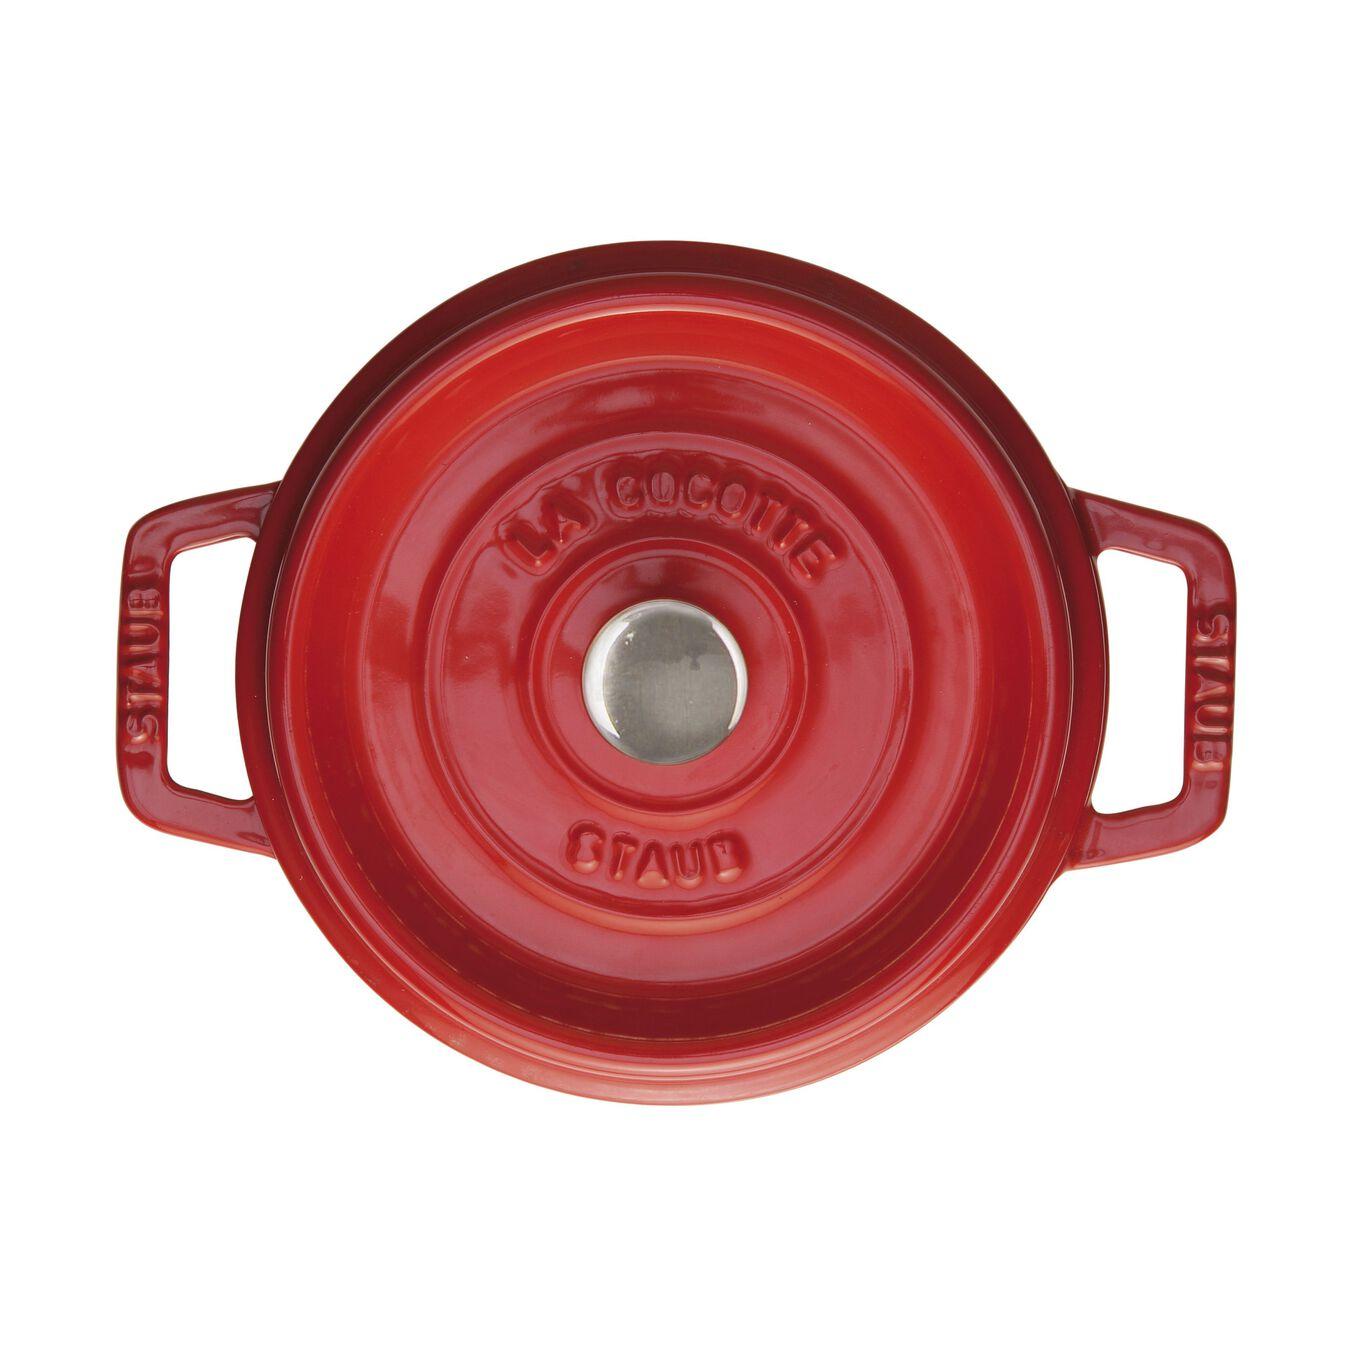 Cocotte 20 cm, rund, Kirsch-Rot, Gusseisen,,large 1